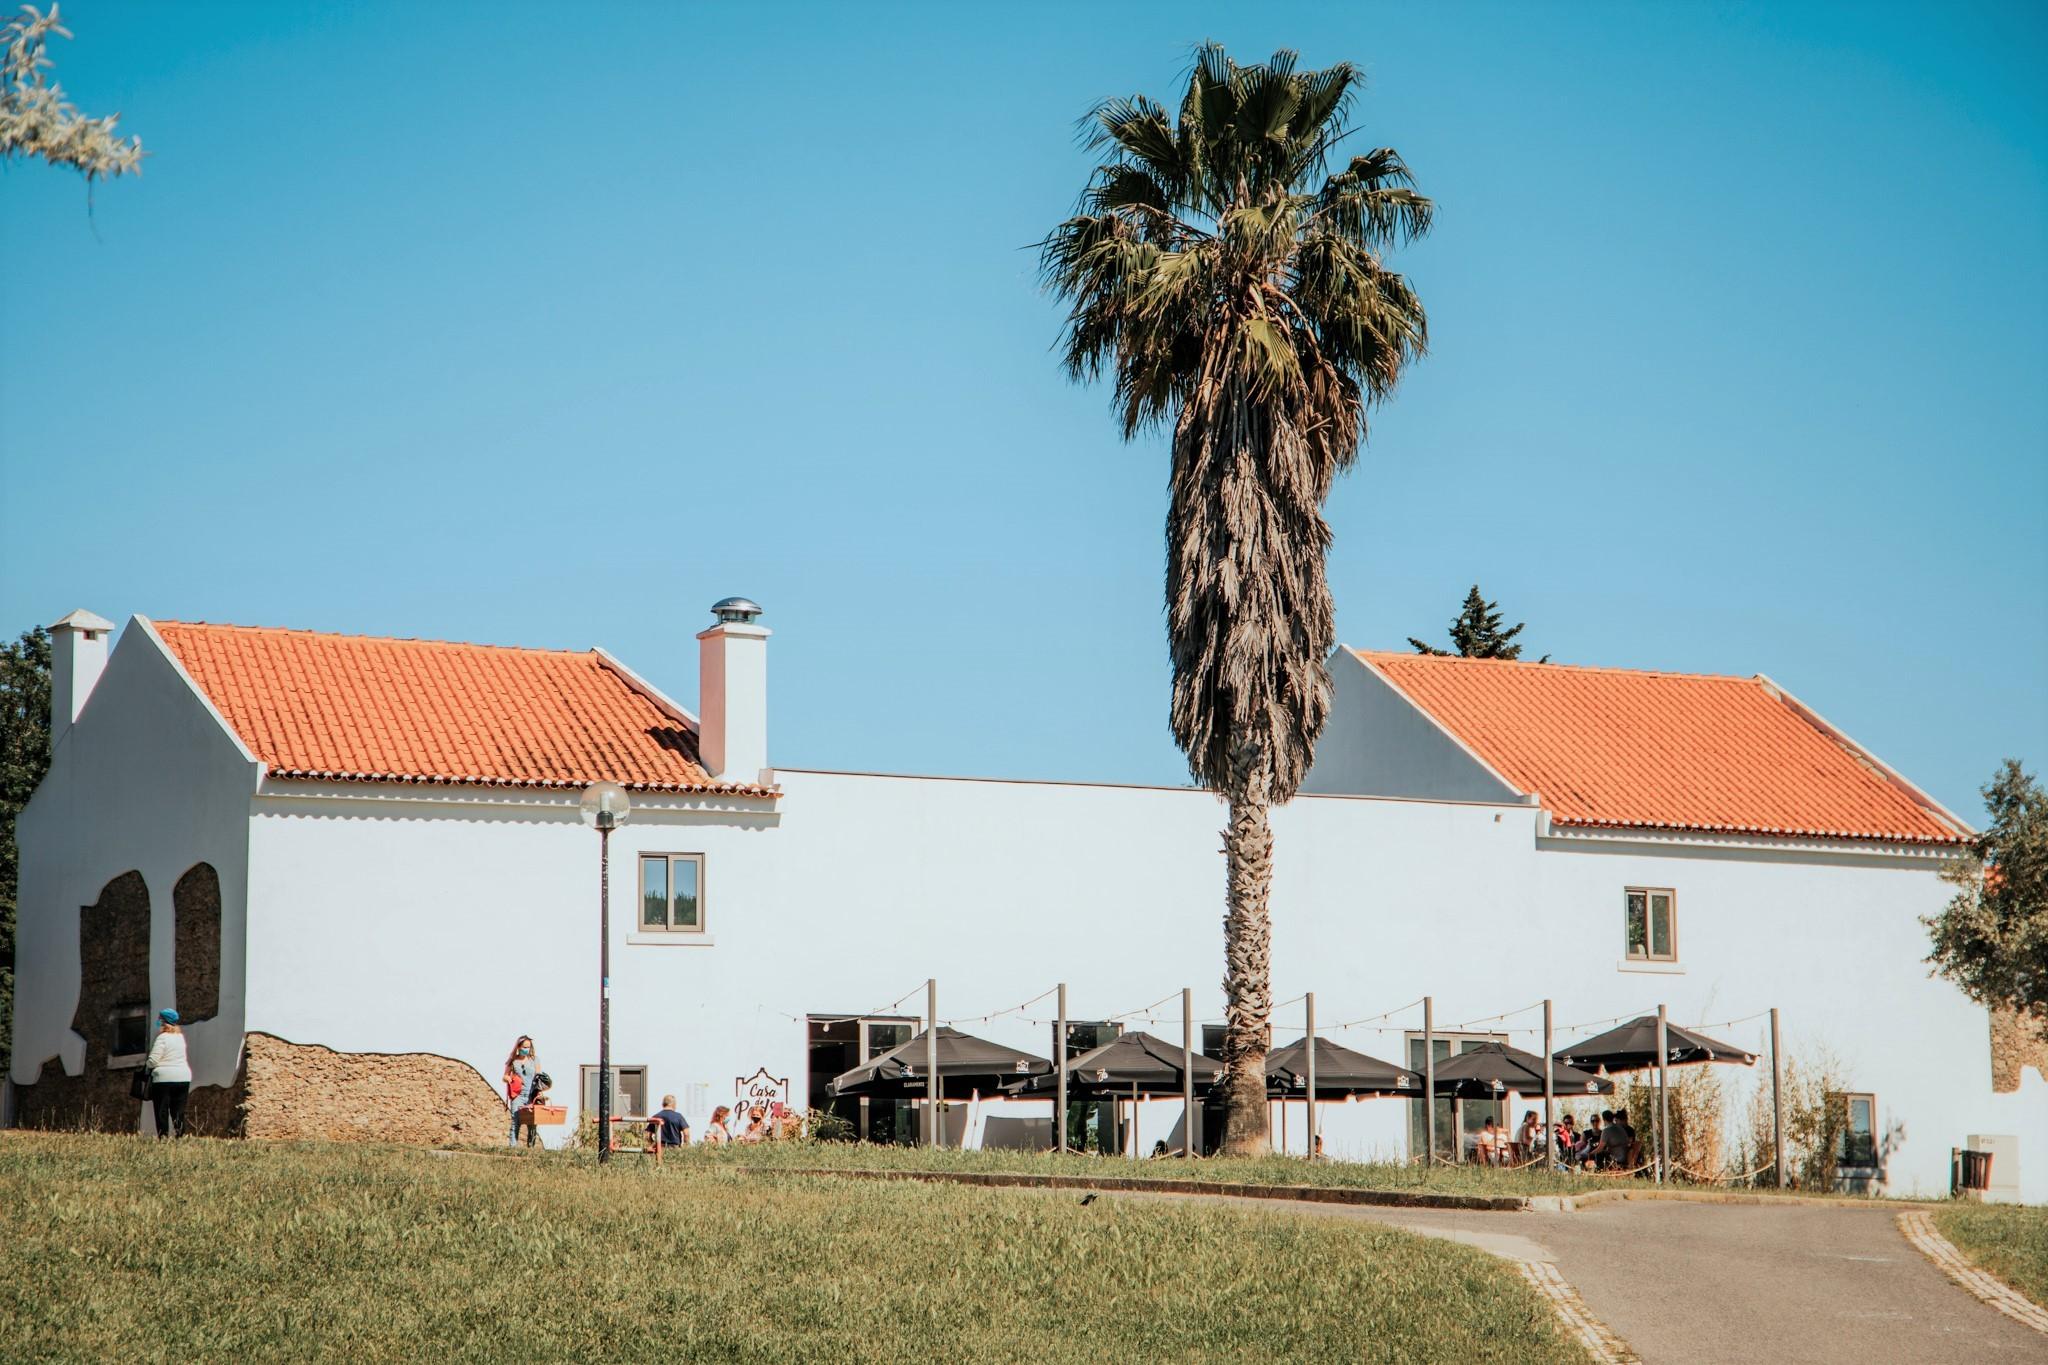 O restaurante Casa de Pedra, no Parque da Bela Vista, em Lisboa